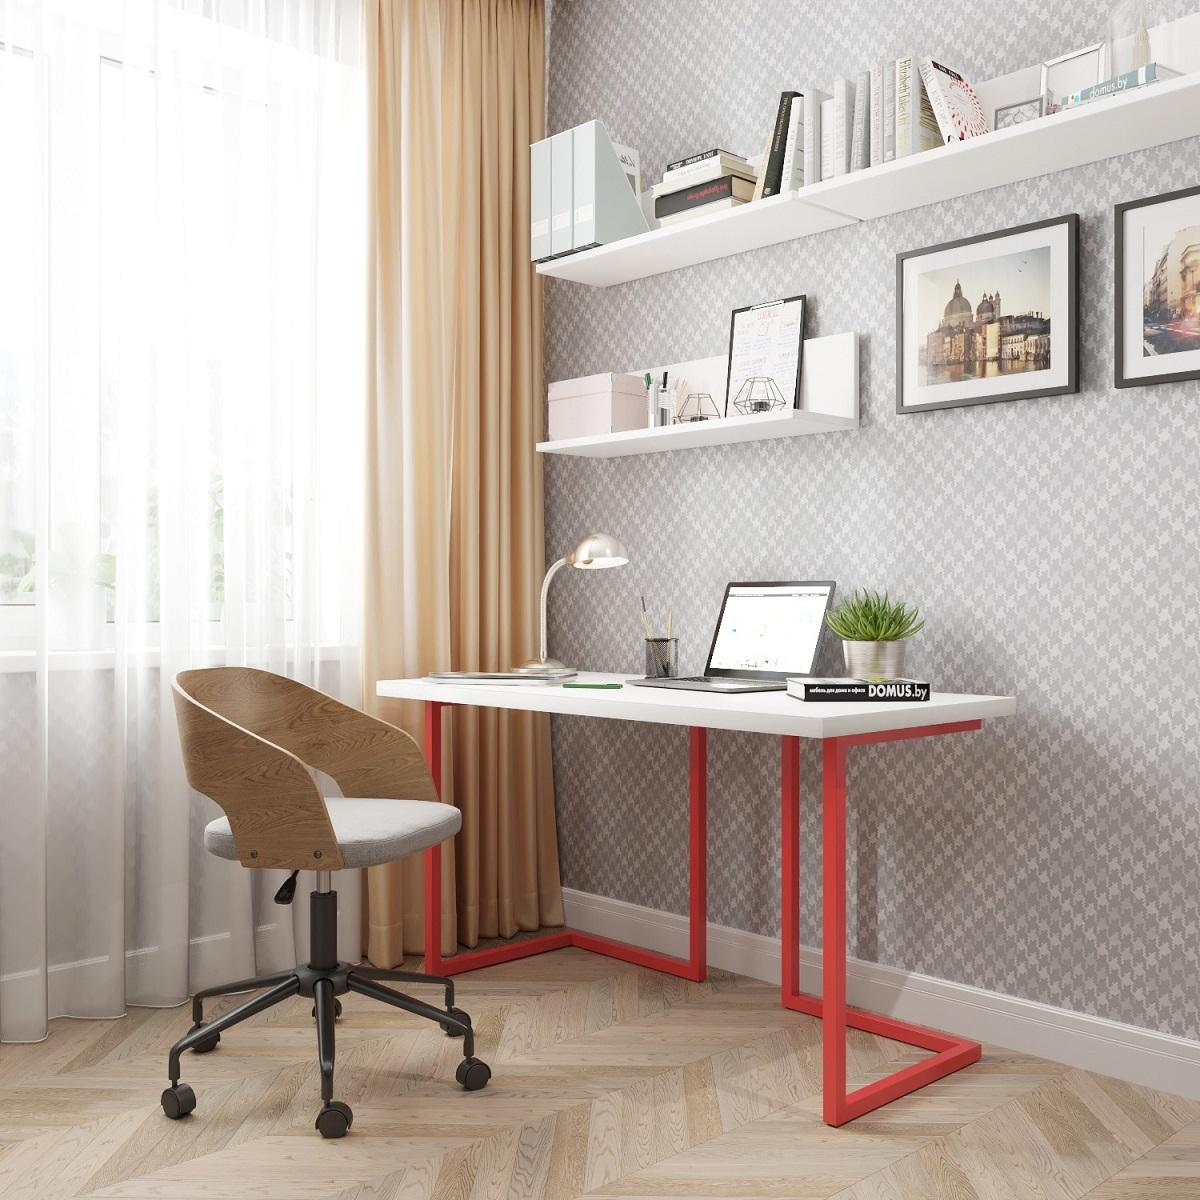 Письменный стол ДОМУС Урбан-1 белый/металл красный